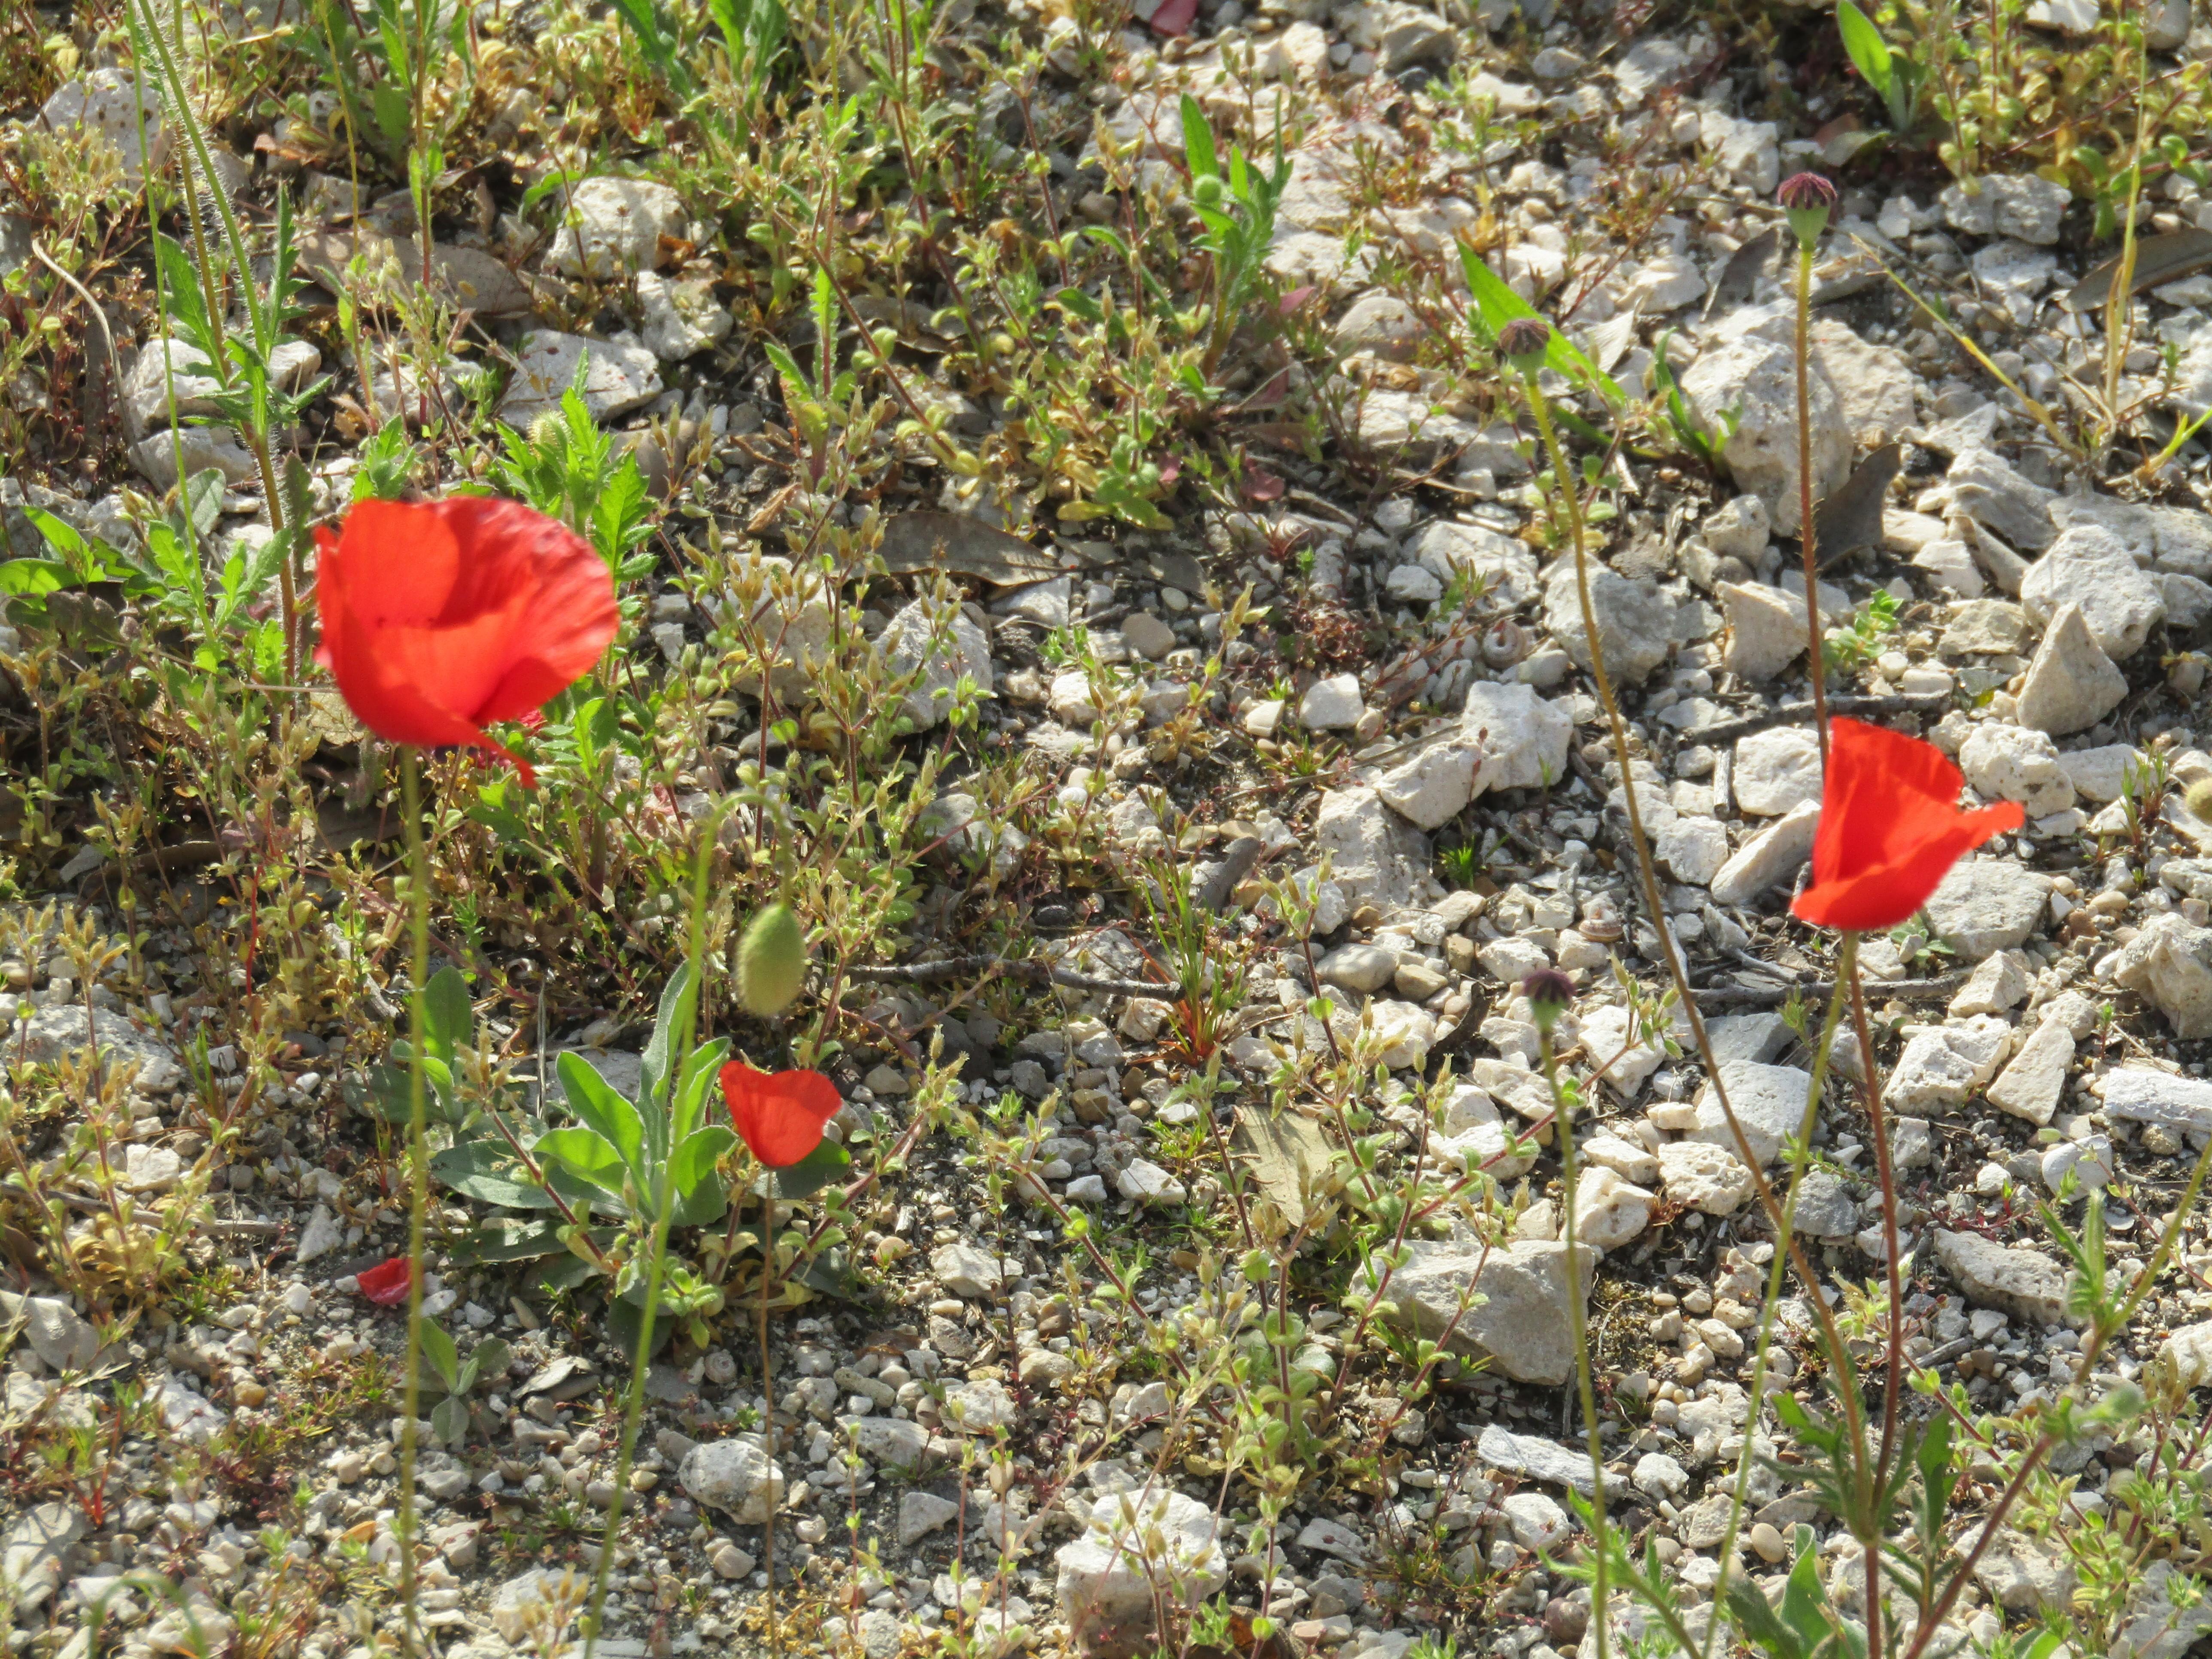 Poppies in Cicus Maximus